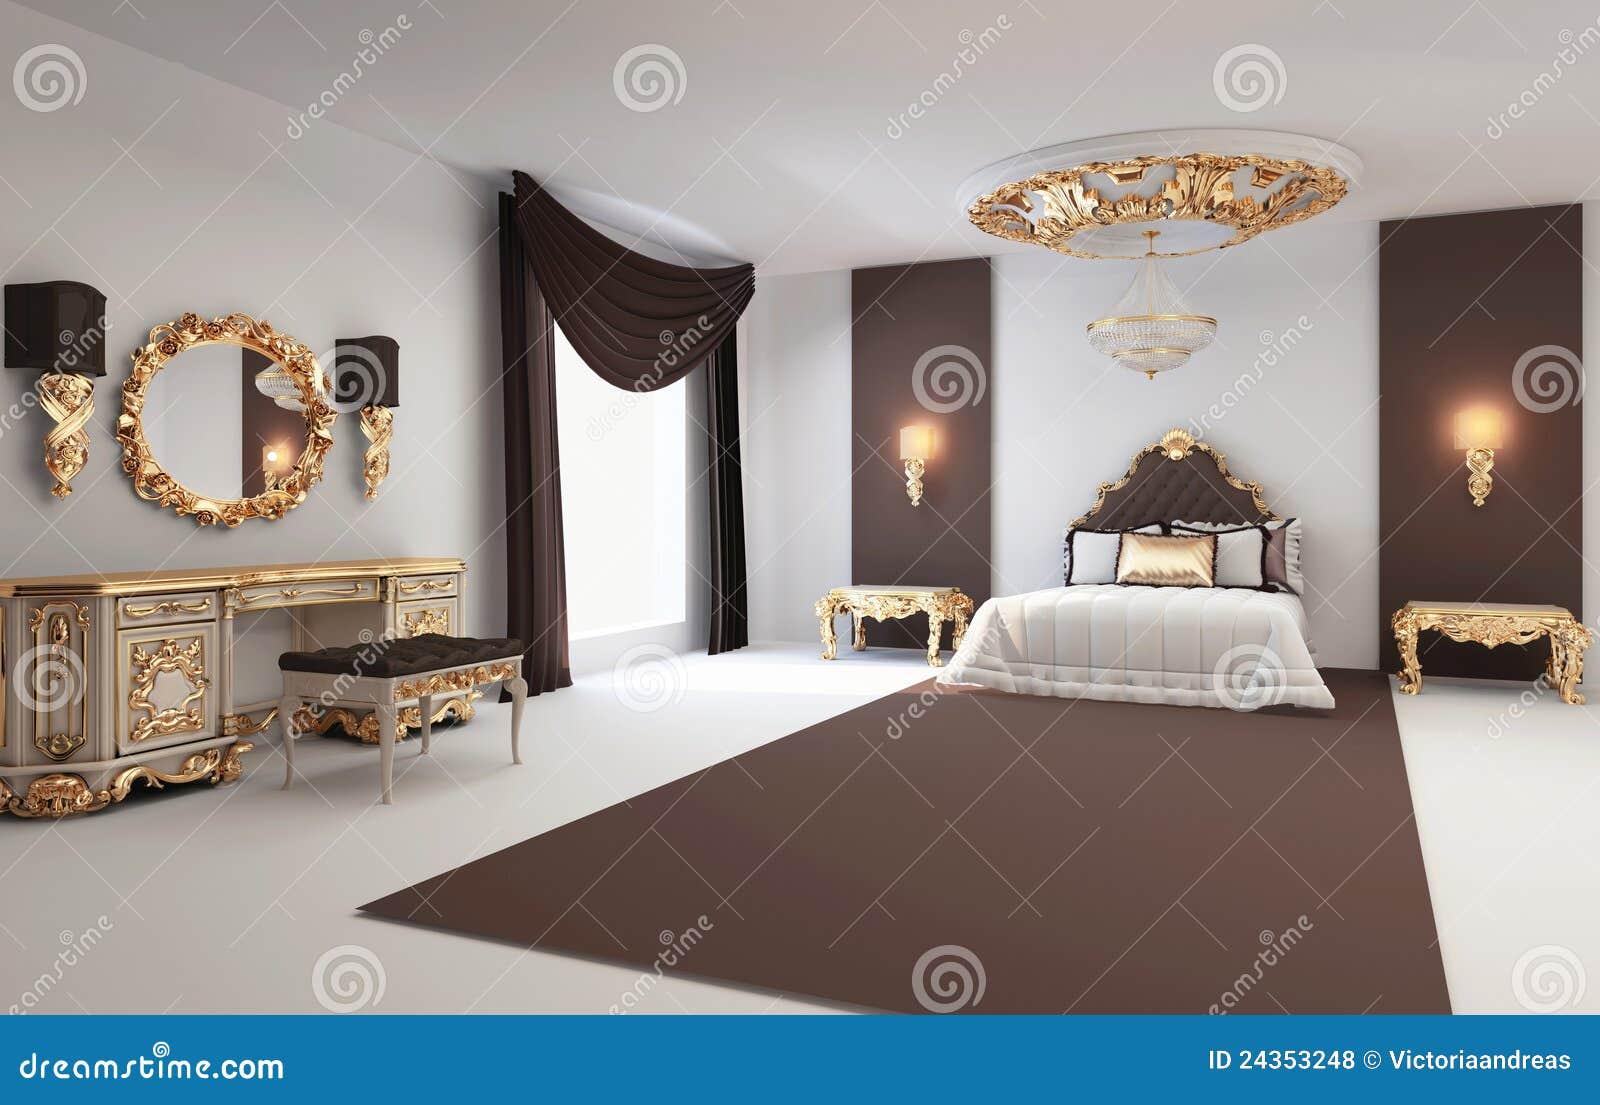 Dormitorio barroco con el interior de oro de los muebles - Dormitorio barroco ...